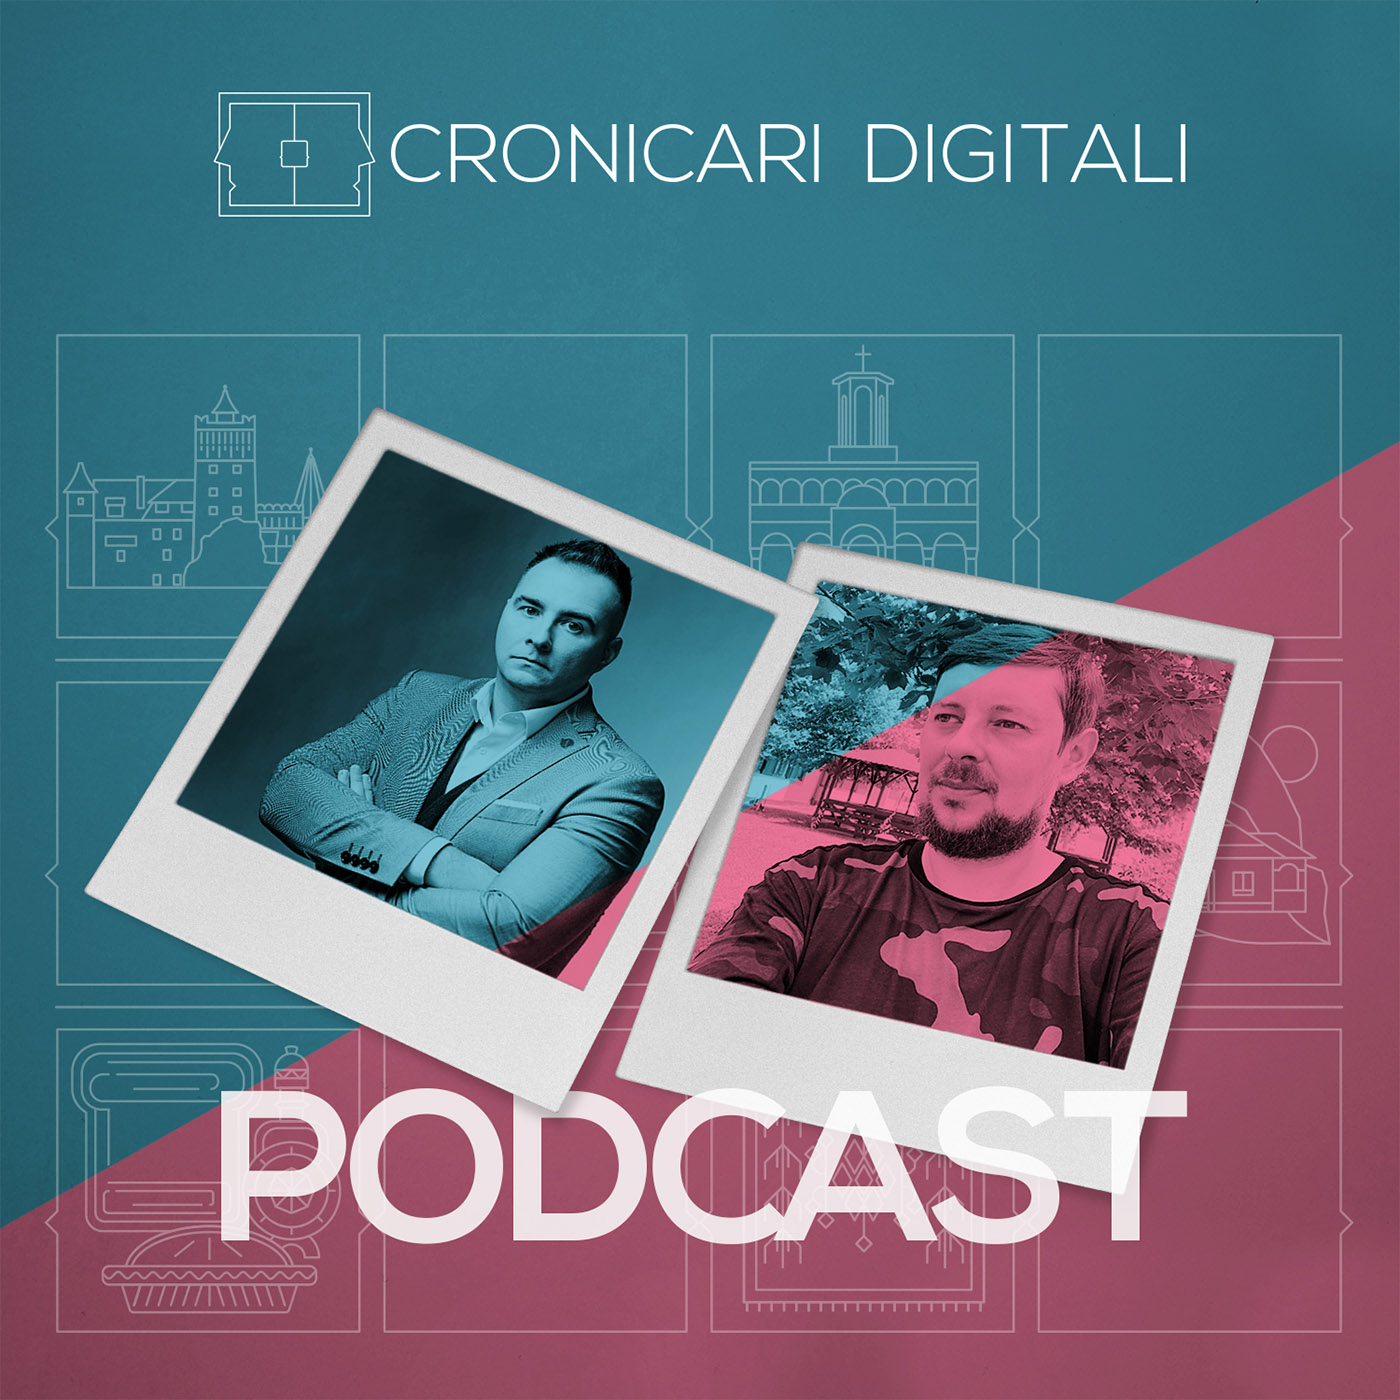 #cronicaridigitali S1 episod 10, Invitați Rareș Năstase & Bogdan Buzuleac, moderator Cristian Șimonca, aka Blogu lu' Otravă